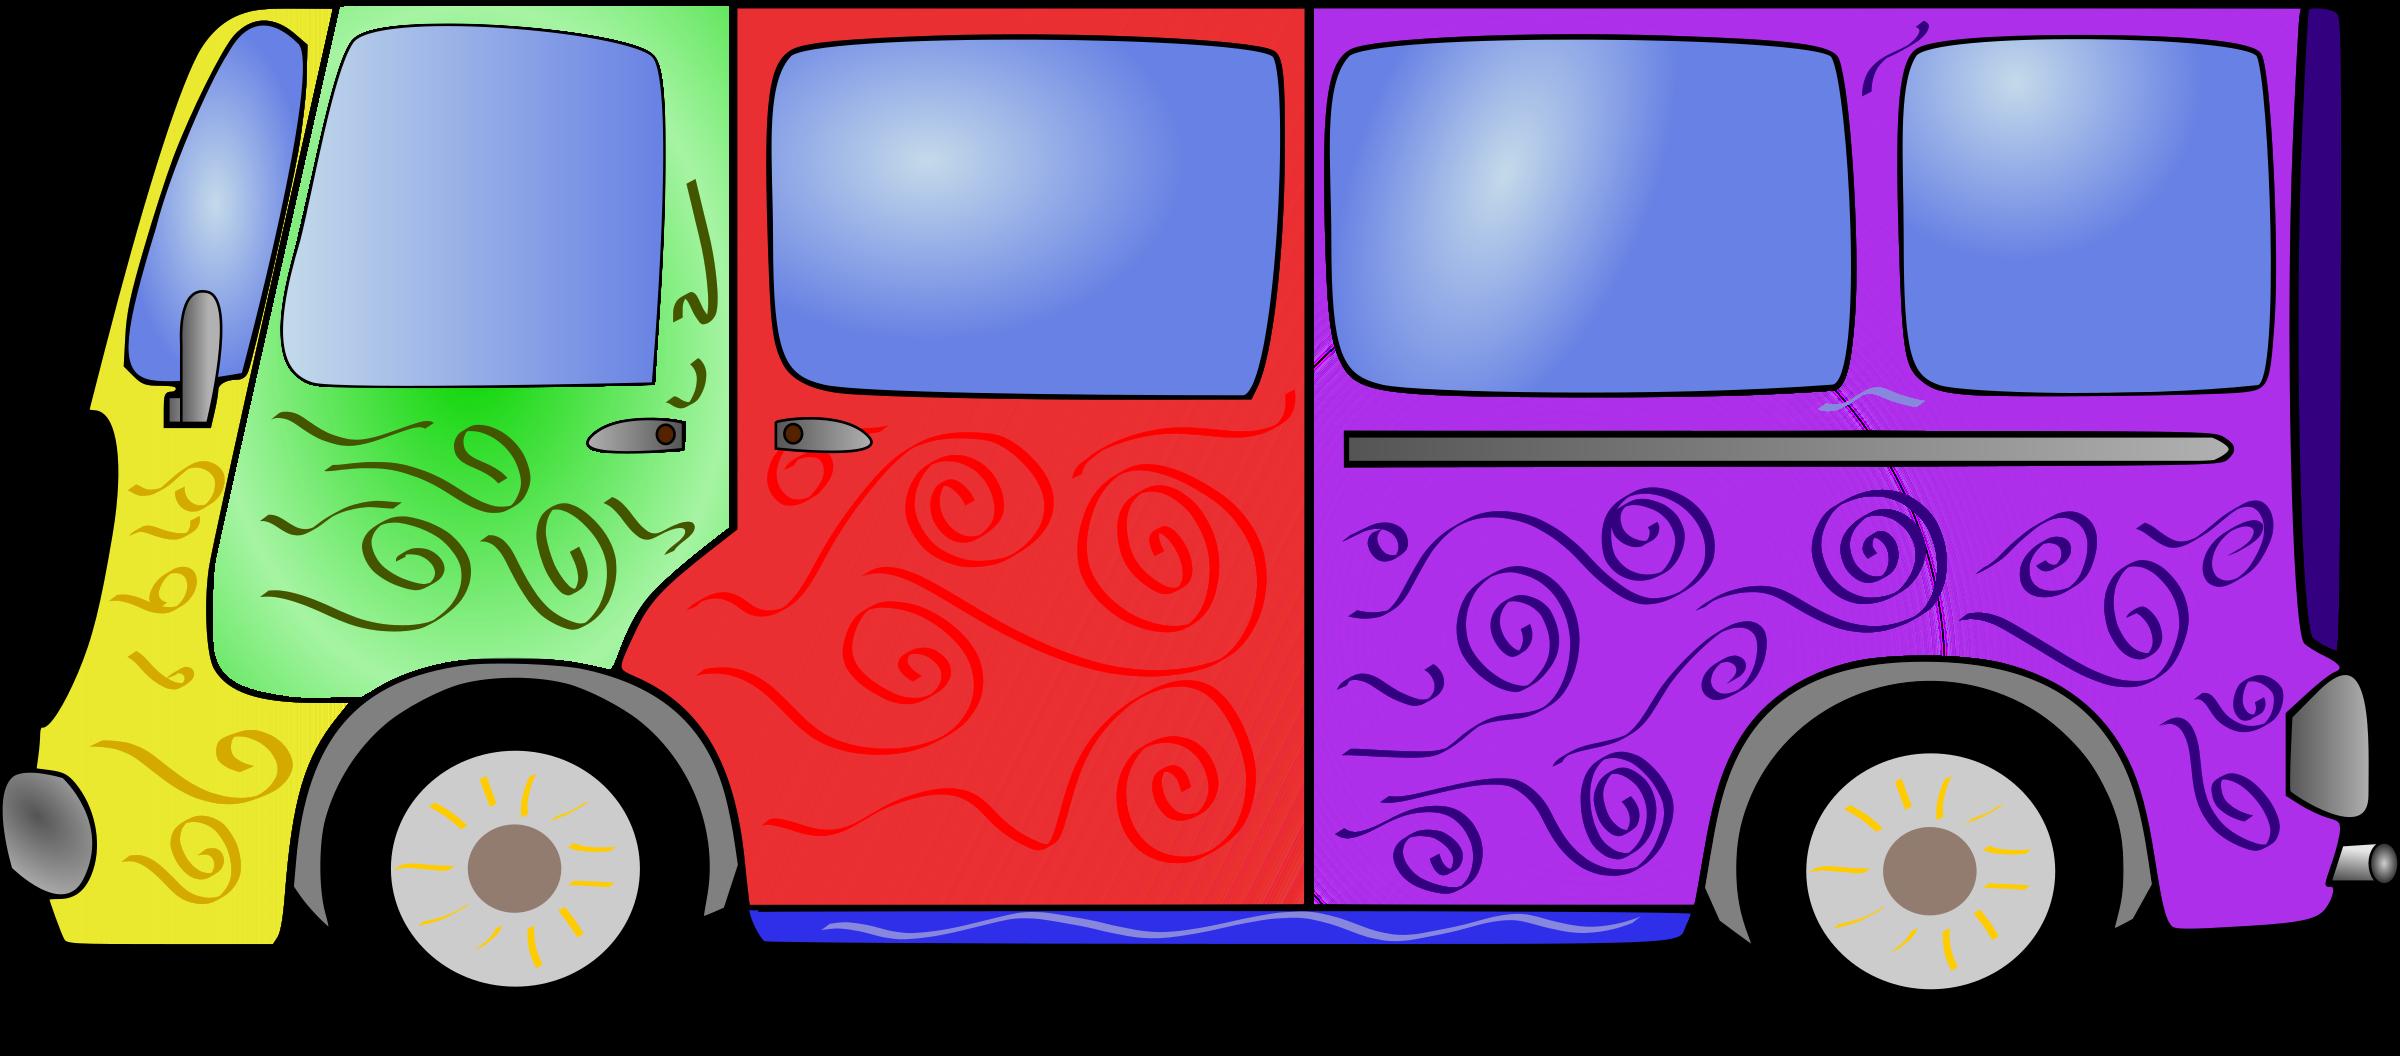 Minivan clipart small bus. Hippie van big image